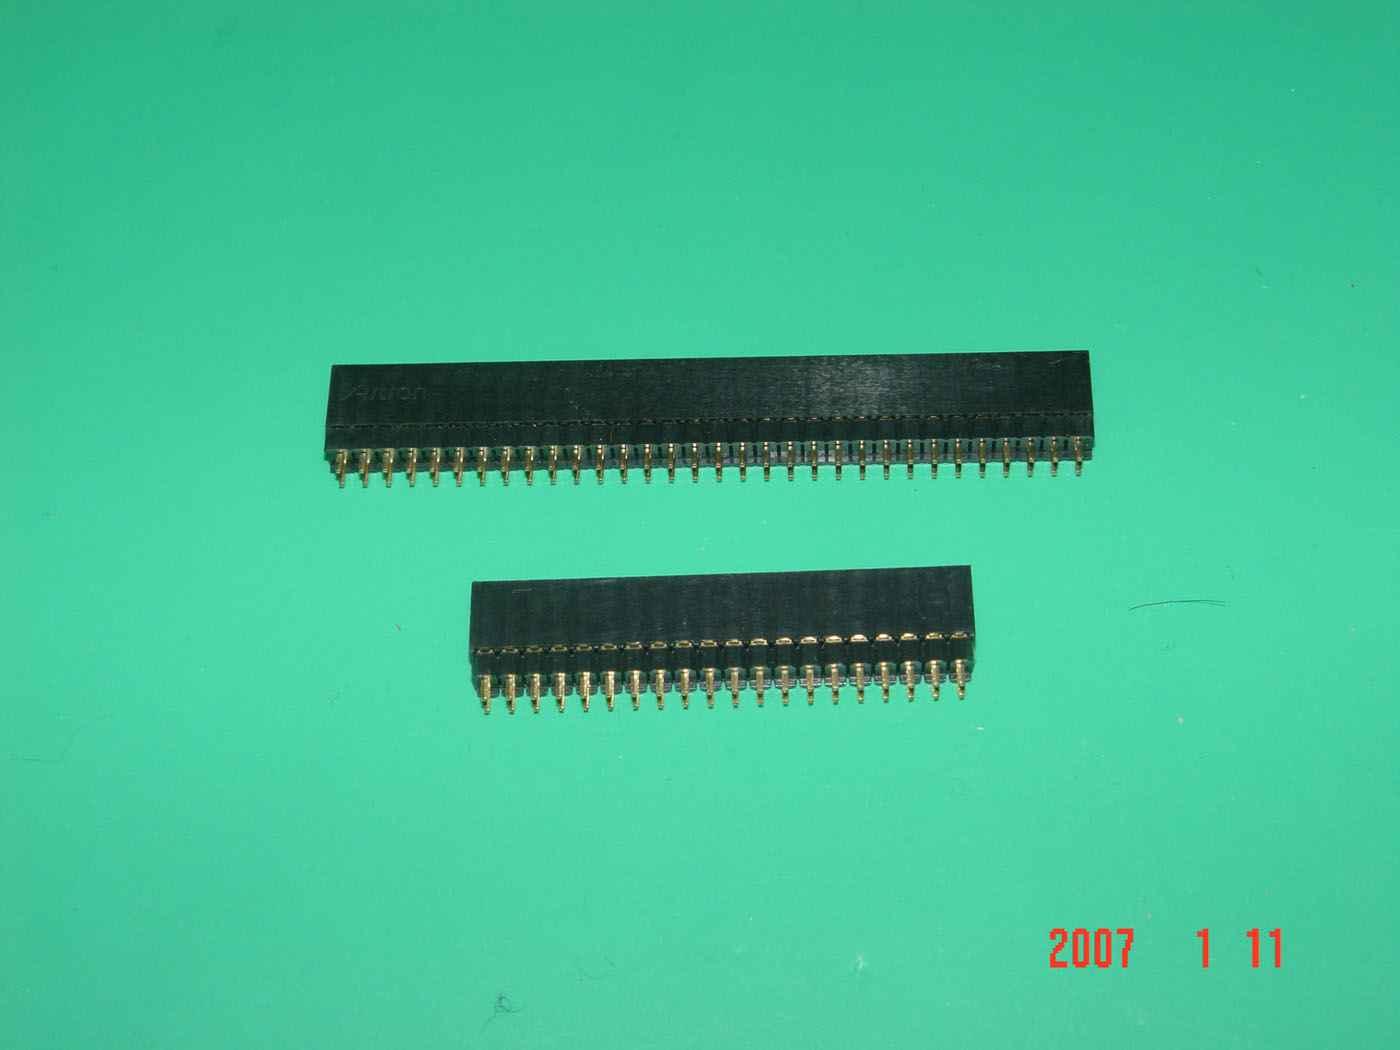 总线/锁紧/CY401/SYD/PC104 第14张